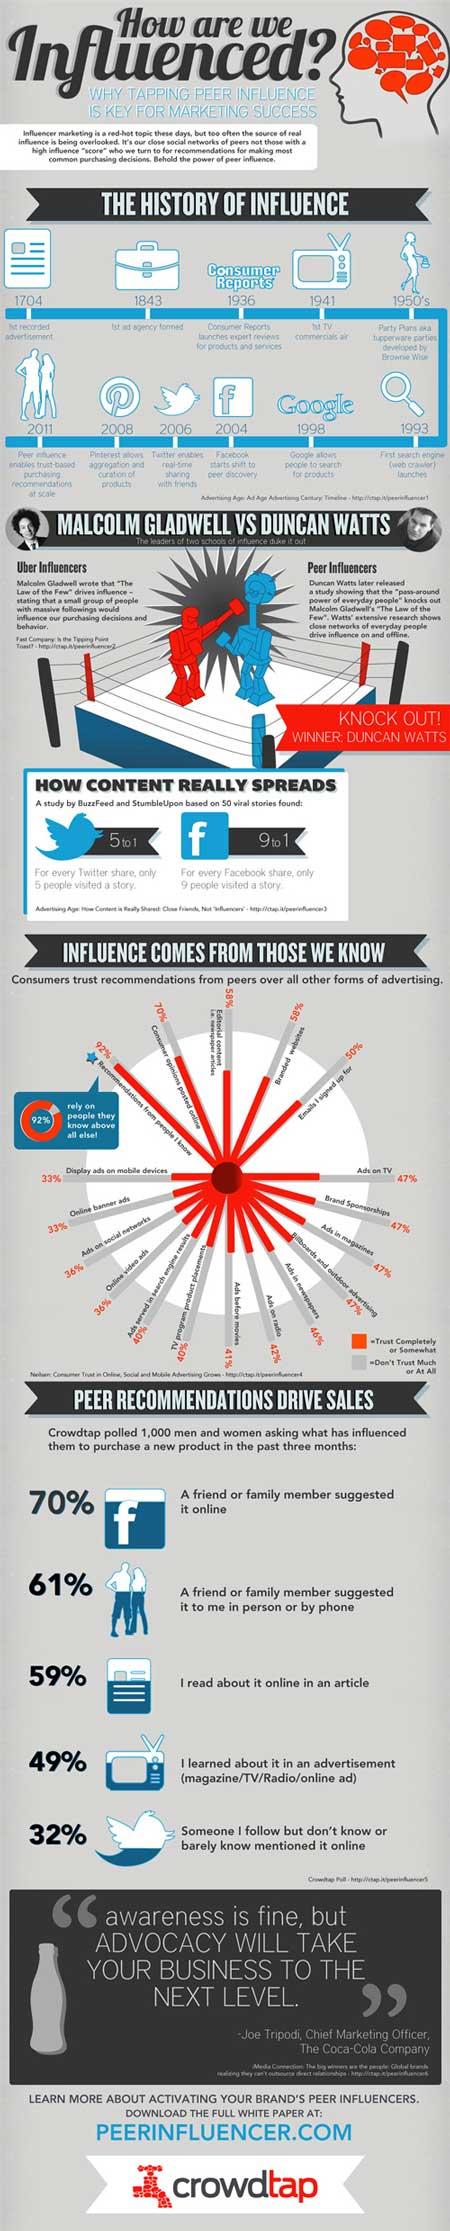 ¿Quiénes influyen realmente en los Social Media? 1